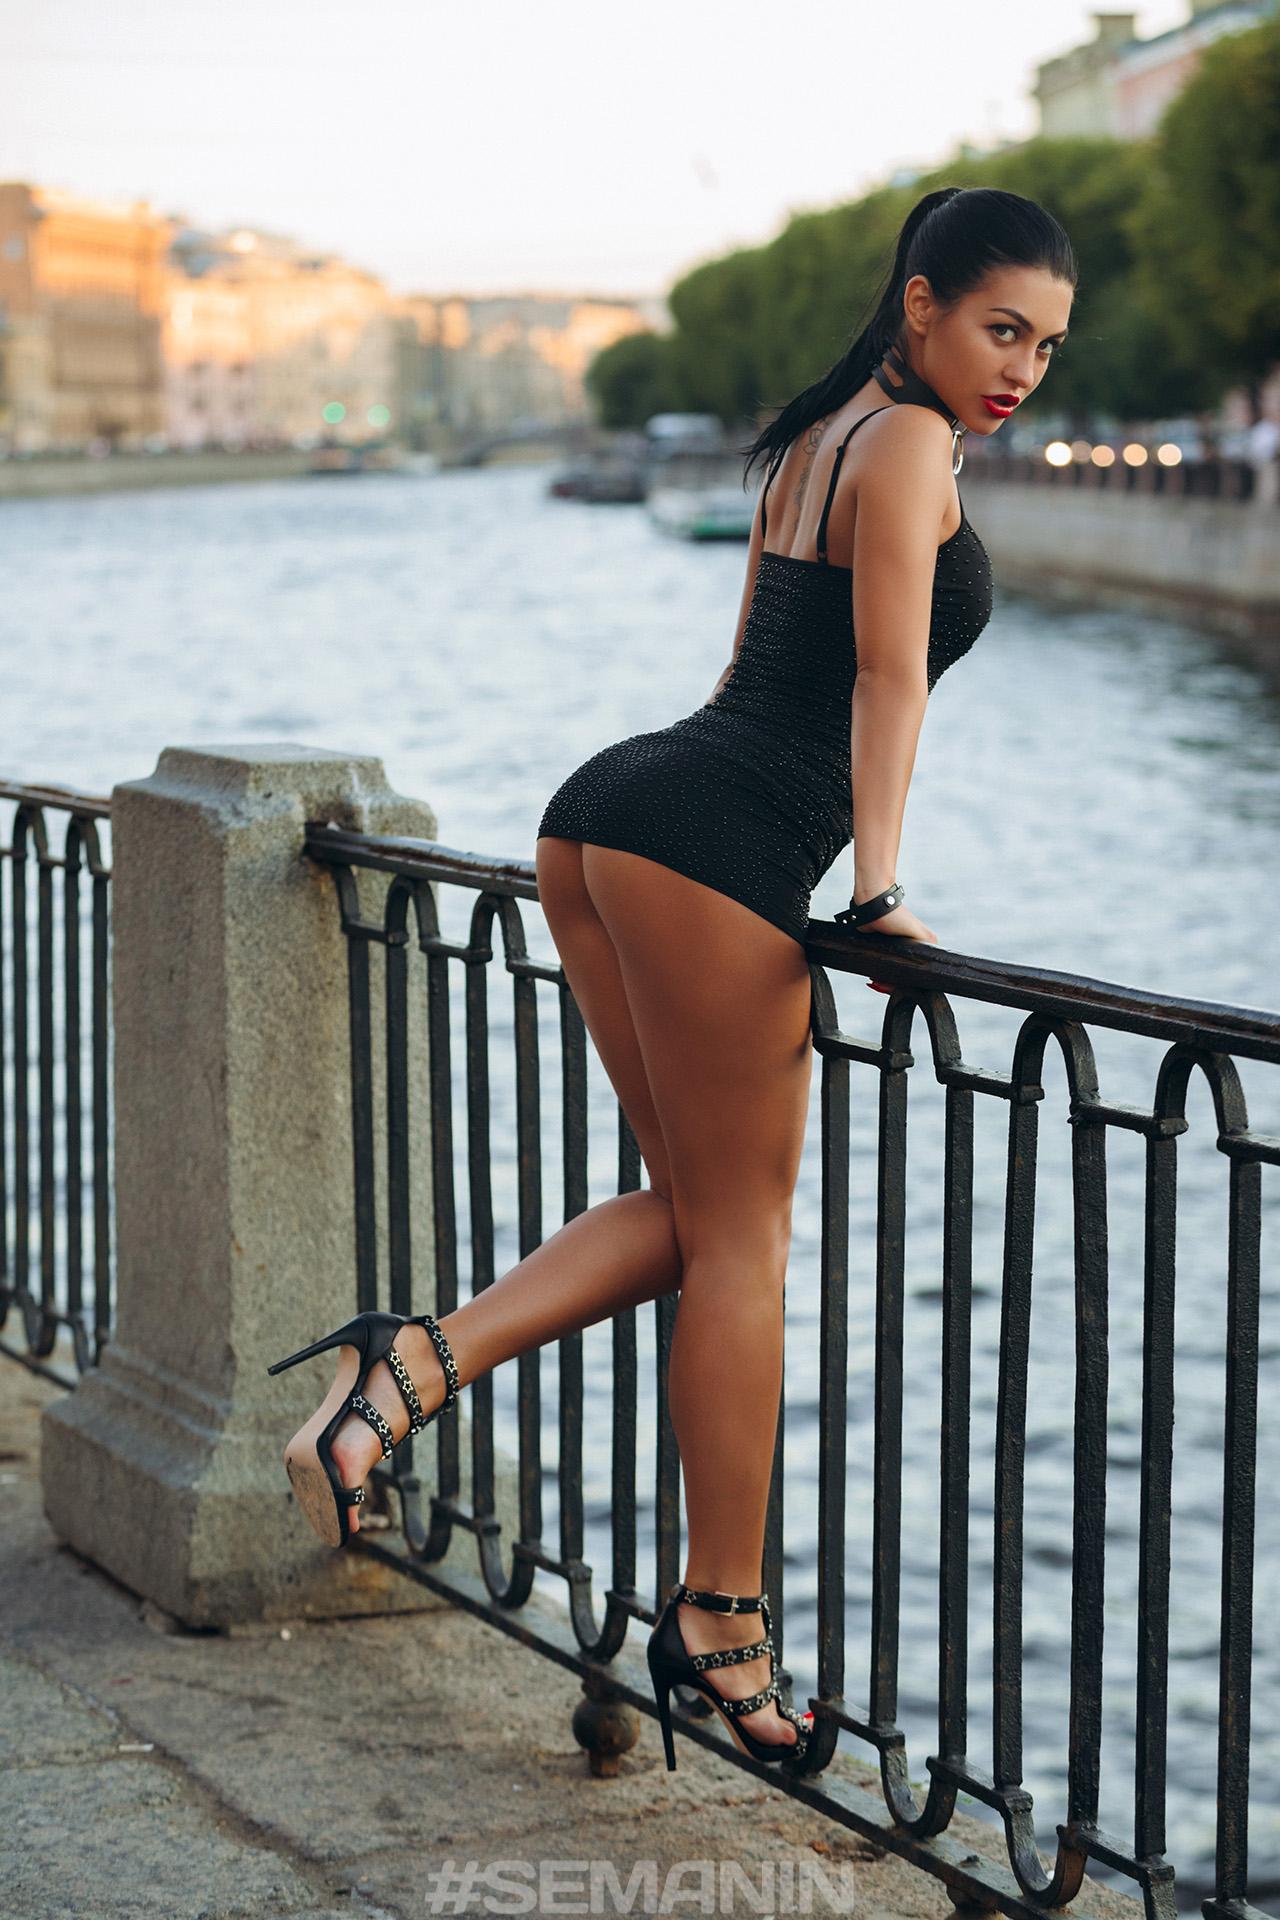 Ass In Dress wallpaper : women, aleksandr semanin, ass, tight dress